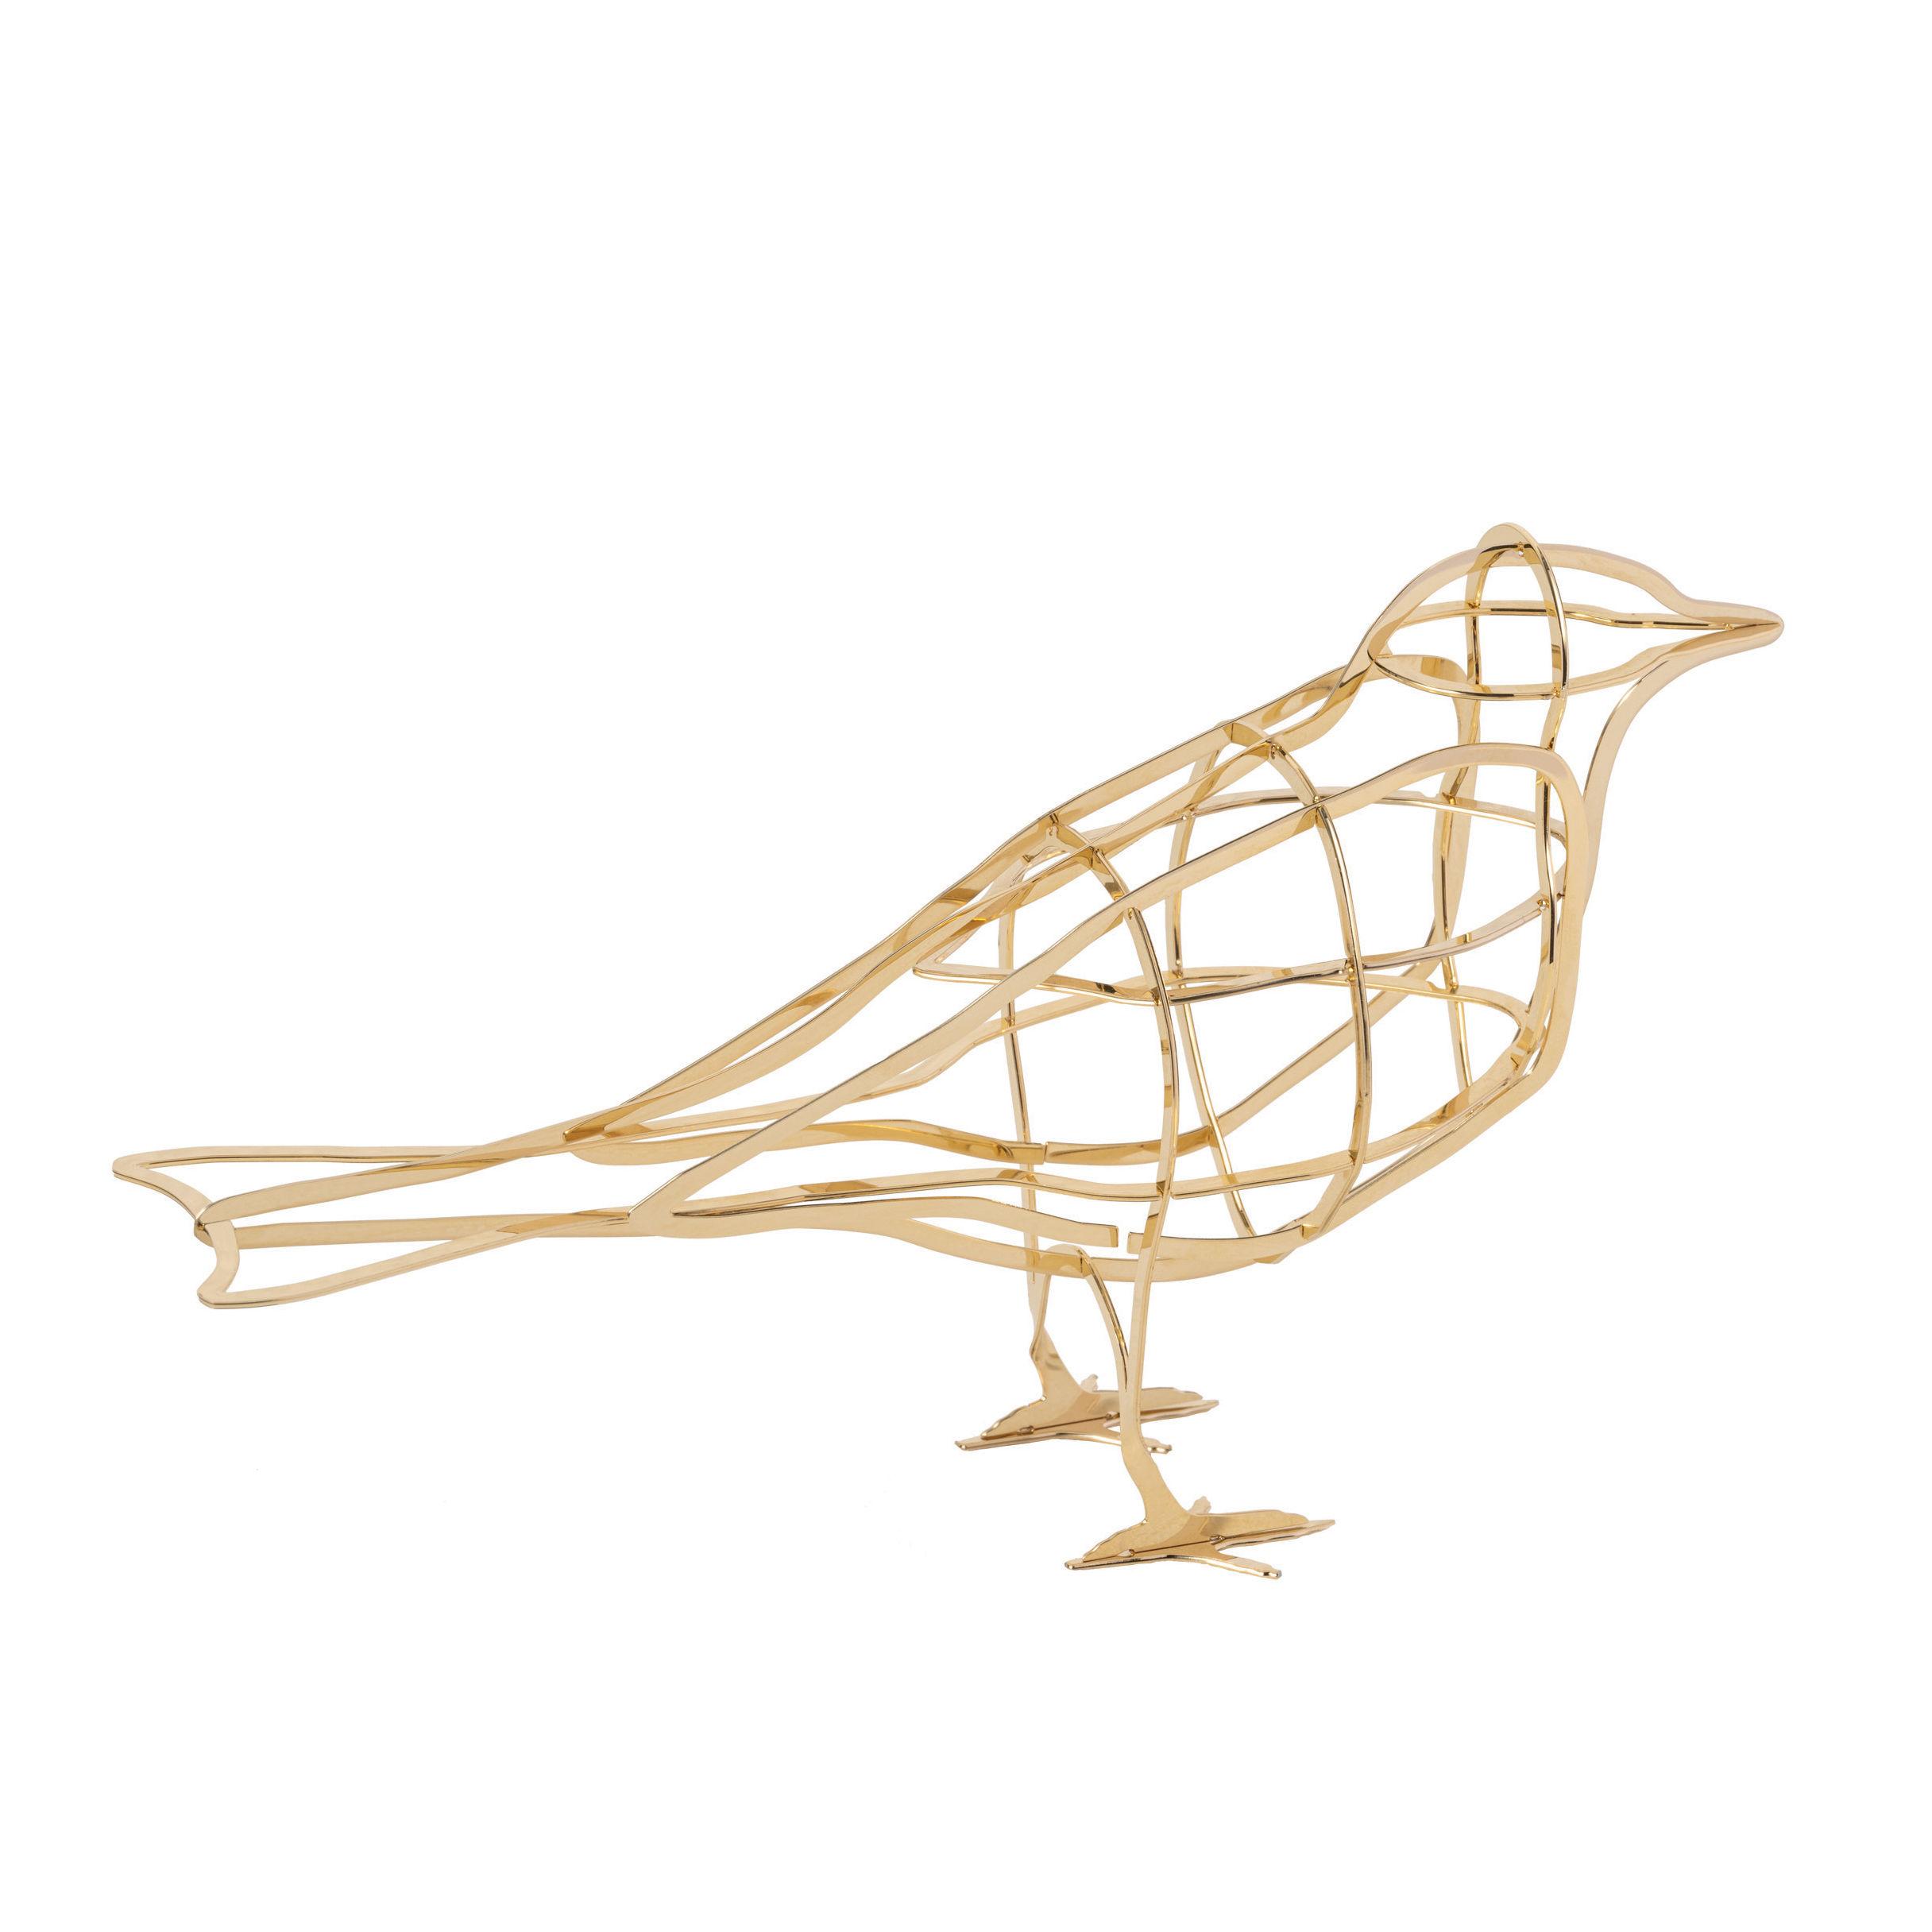 Déco - Objets déco et cadres-photos - Décoration De l'Aube / Oiseau en métal - Ibride - De l'Aube / Or - Métal galvanisé or